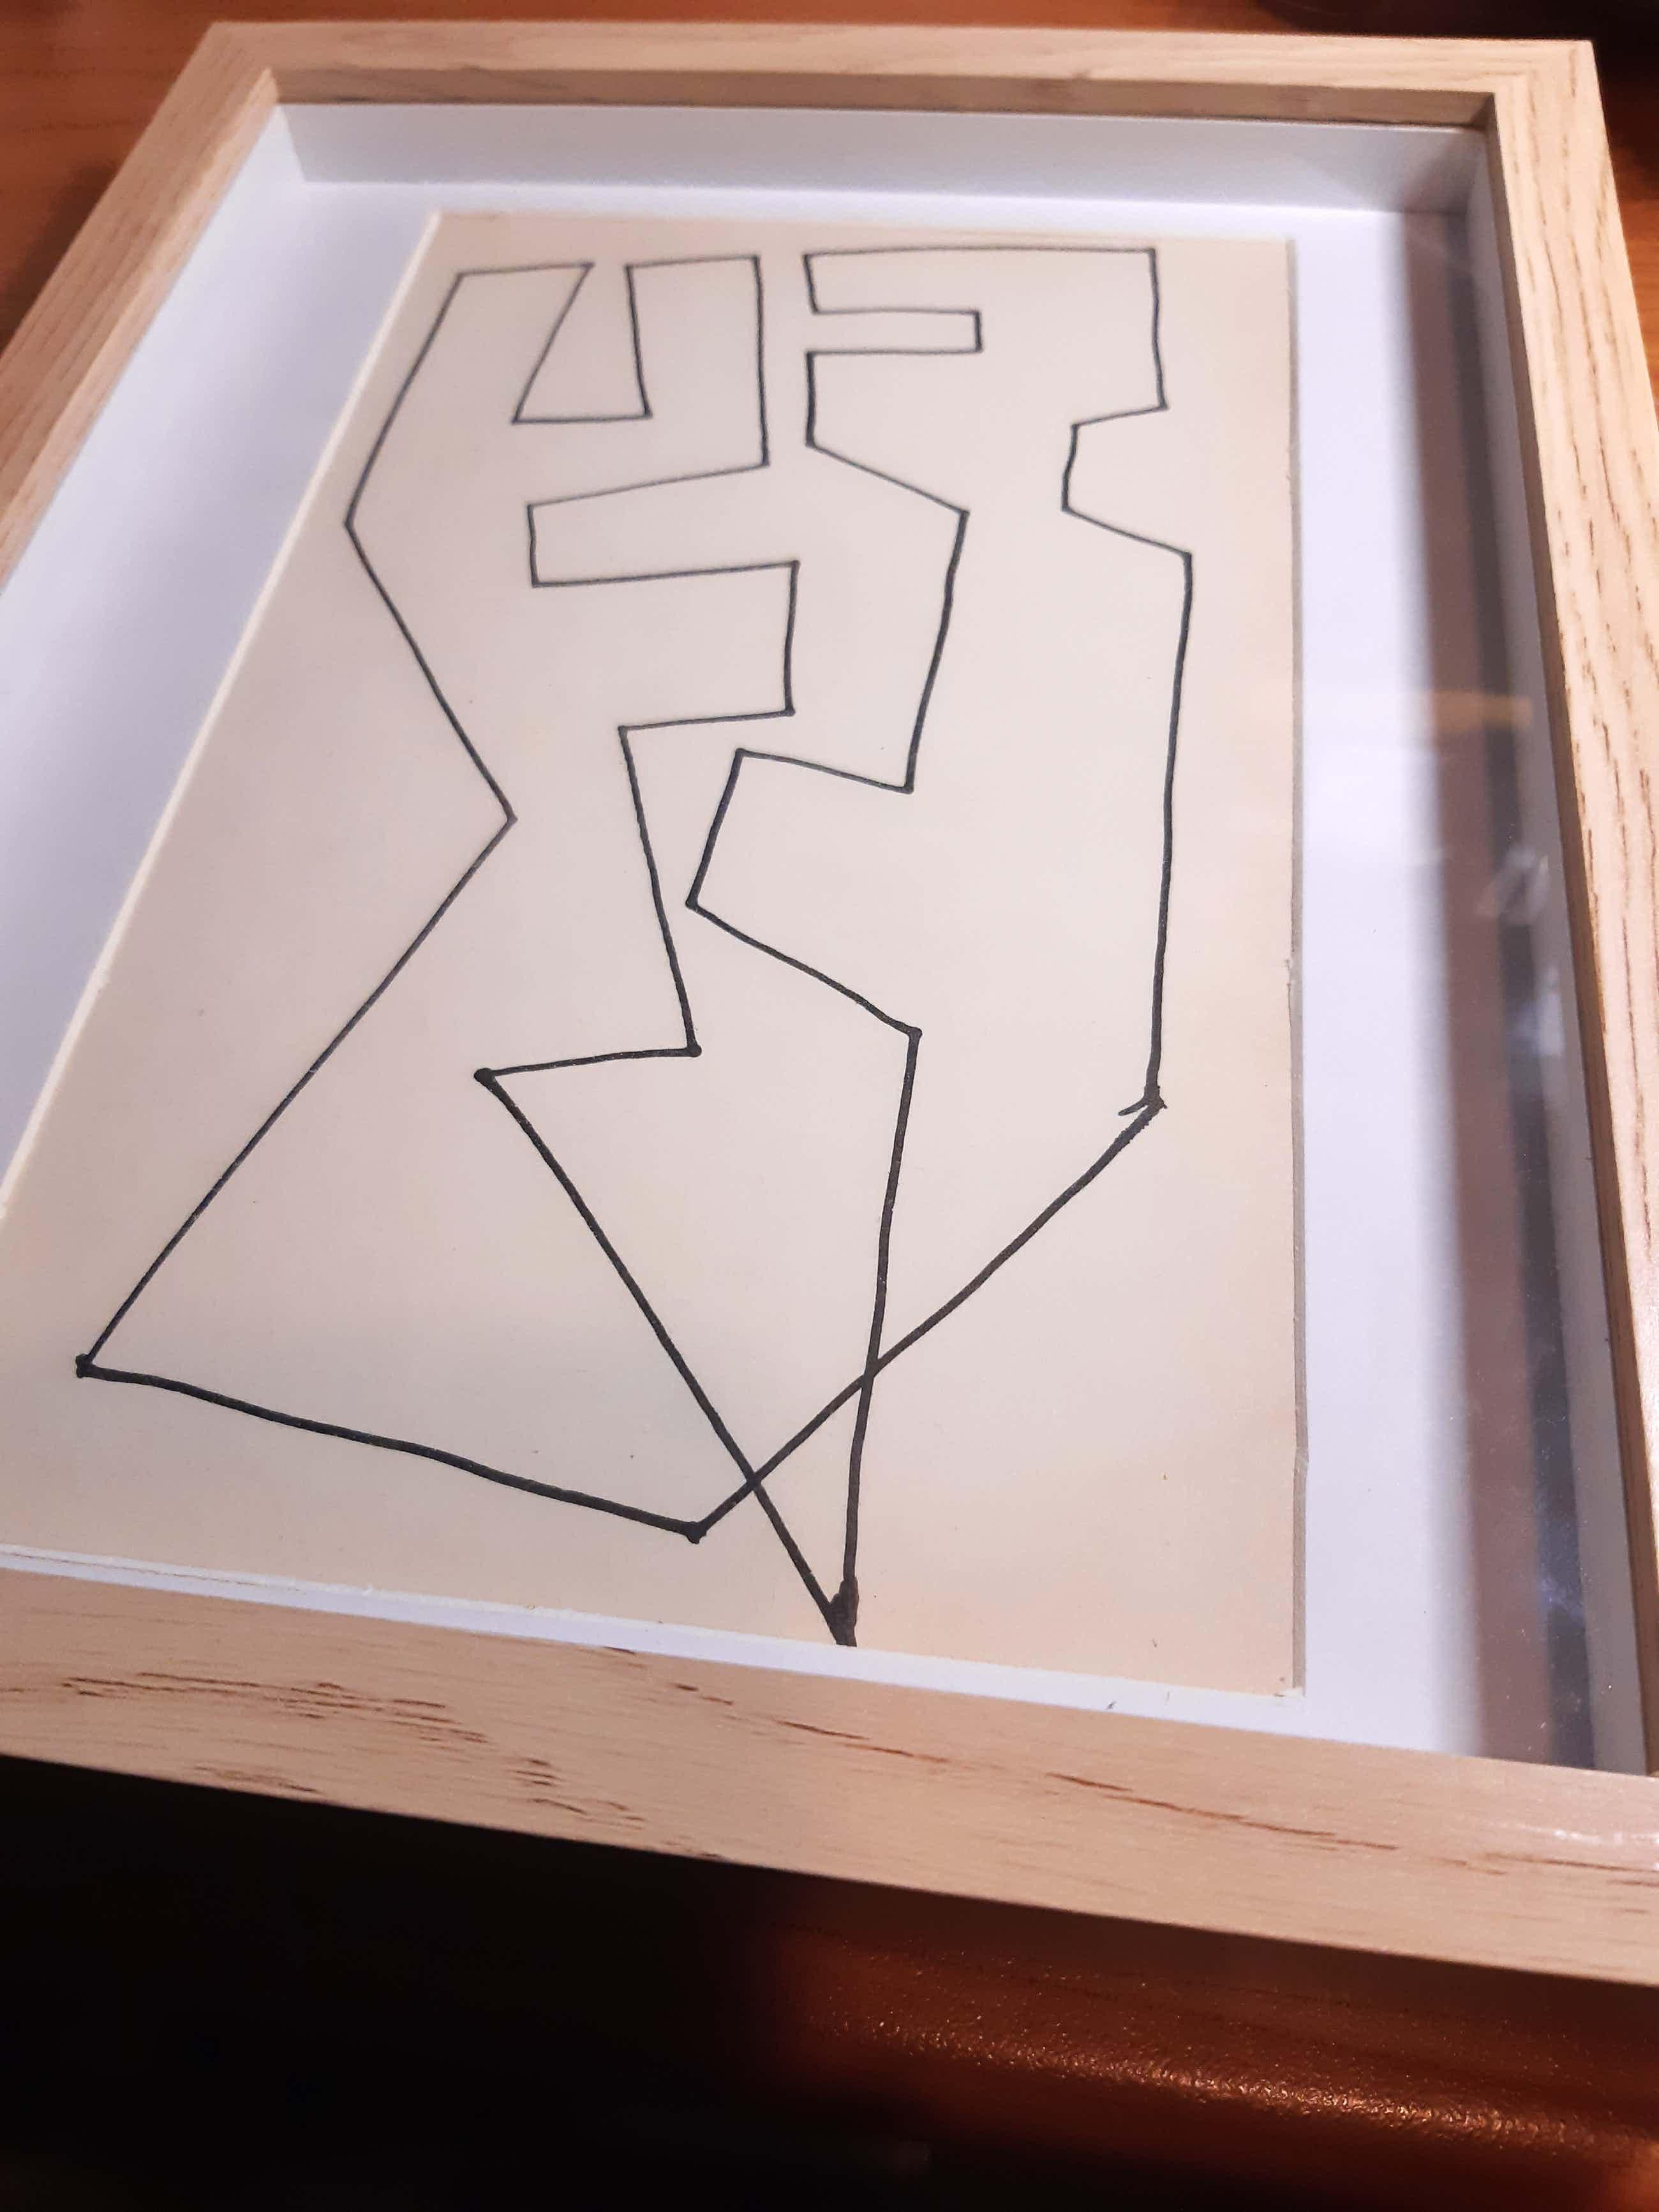 Siep van den Berg - Abstracte compositie kopen? Bied vanaf 81!